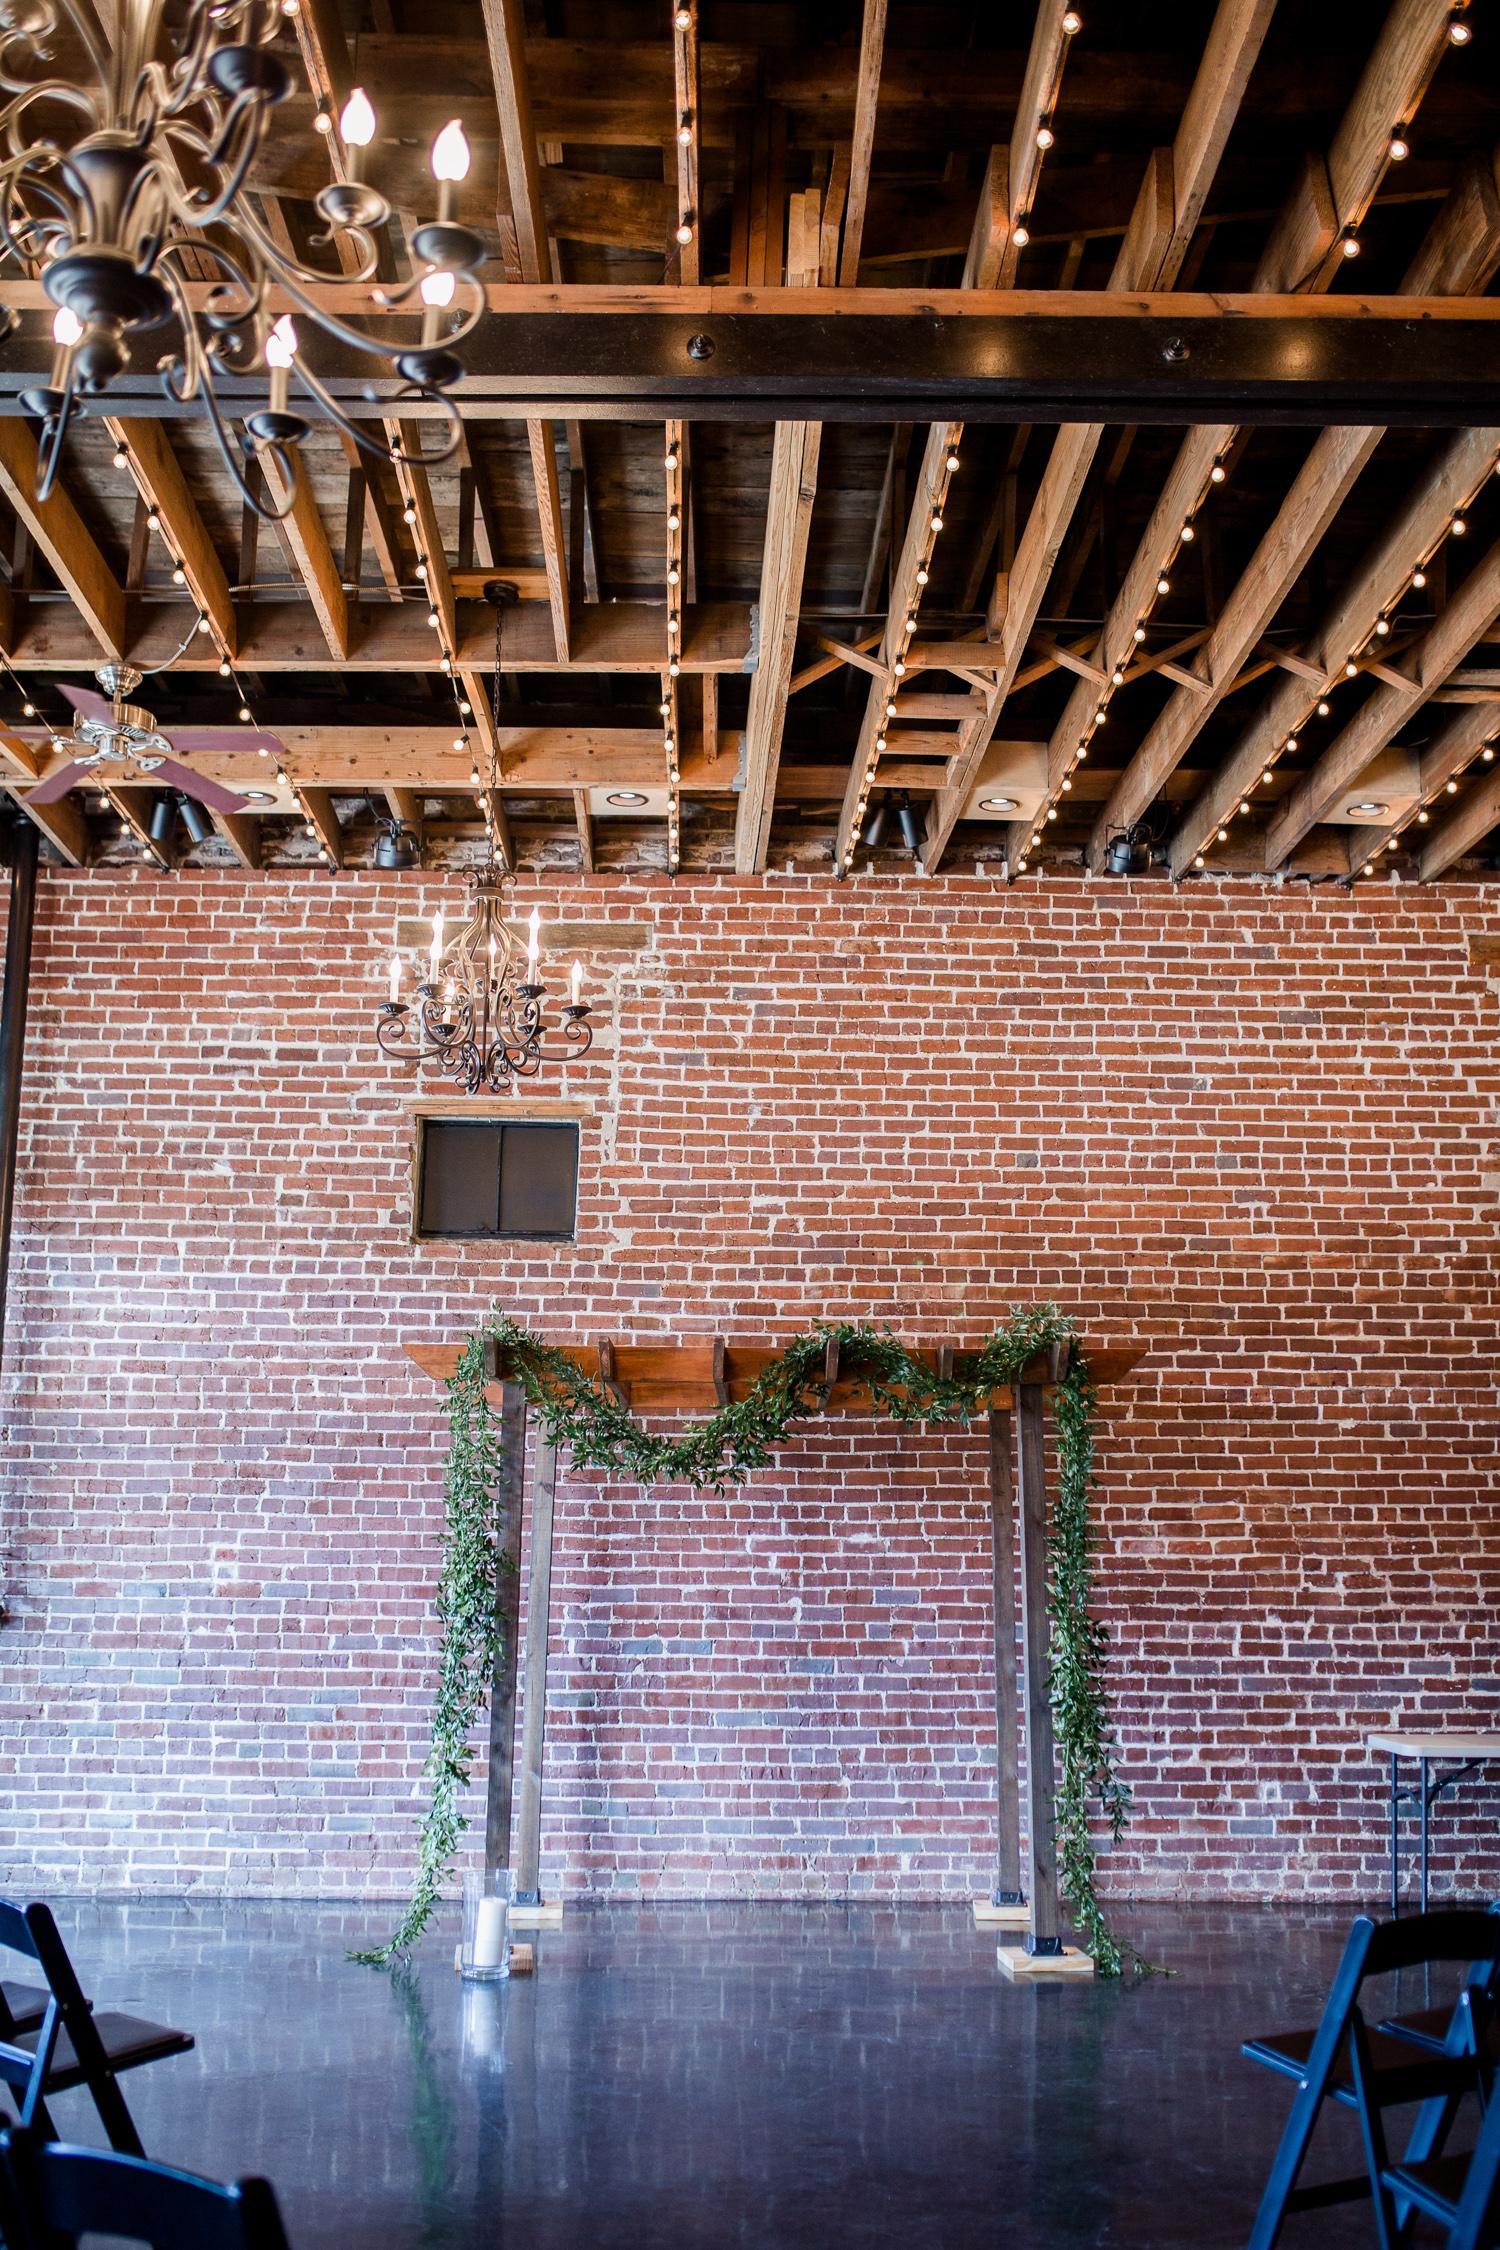 Downtown Knoxville Wedding Venue // Central Avenue Reception // Exposed Brick Indoor Wedding Venue